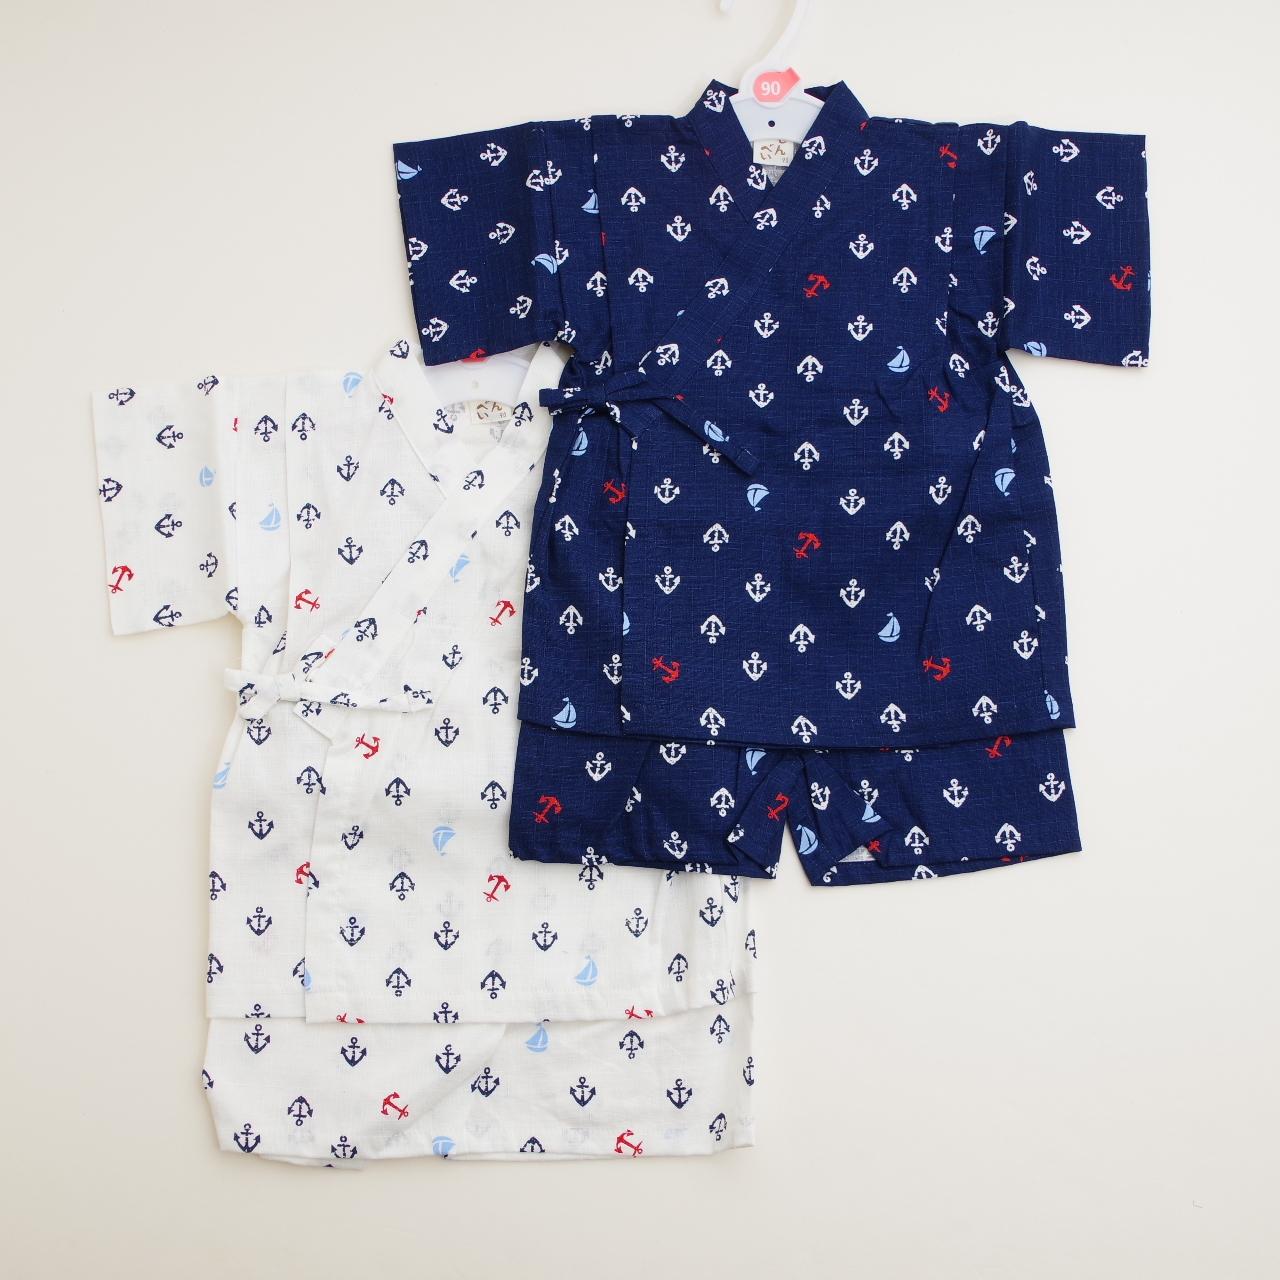 日本製 甚平スーツ 祭り 男の子 イカリ 90cm/95cm(720907)